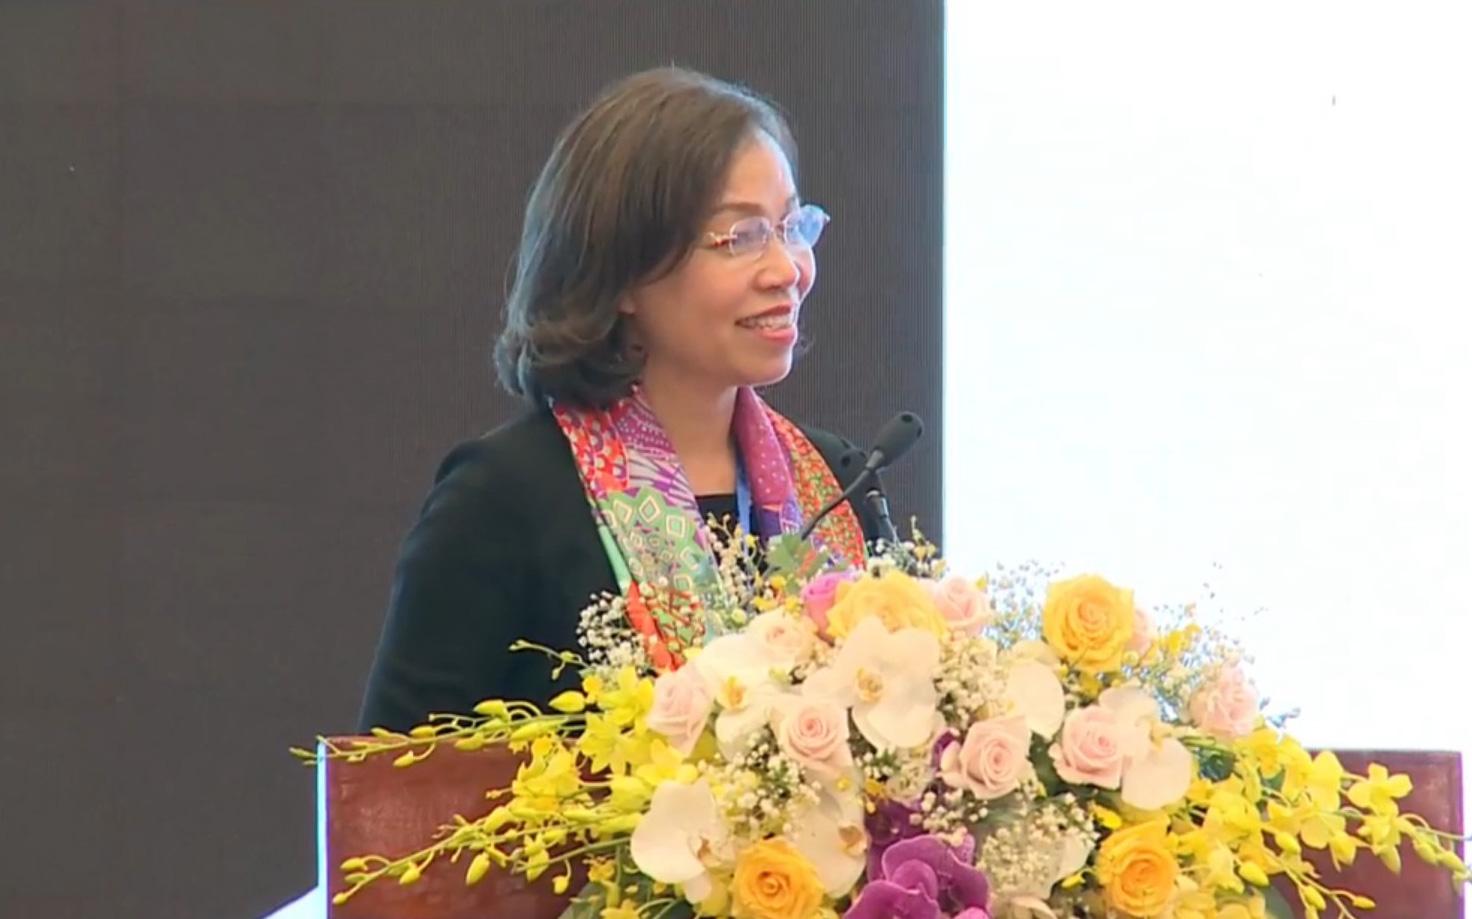 Chủ tịch Deloitte Vietnam: Cuộc chiến thương mại Mỹ Trung đem lại lợi ích trung hạn, nhưng rủi ro tức thì